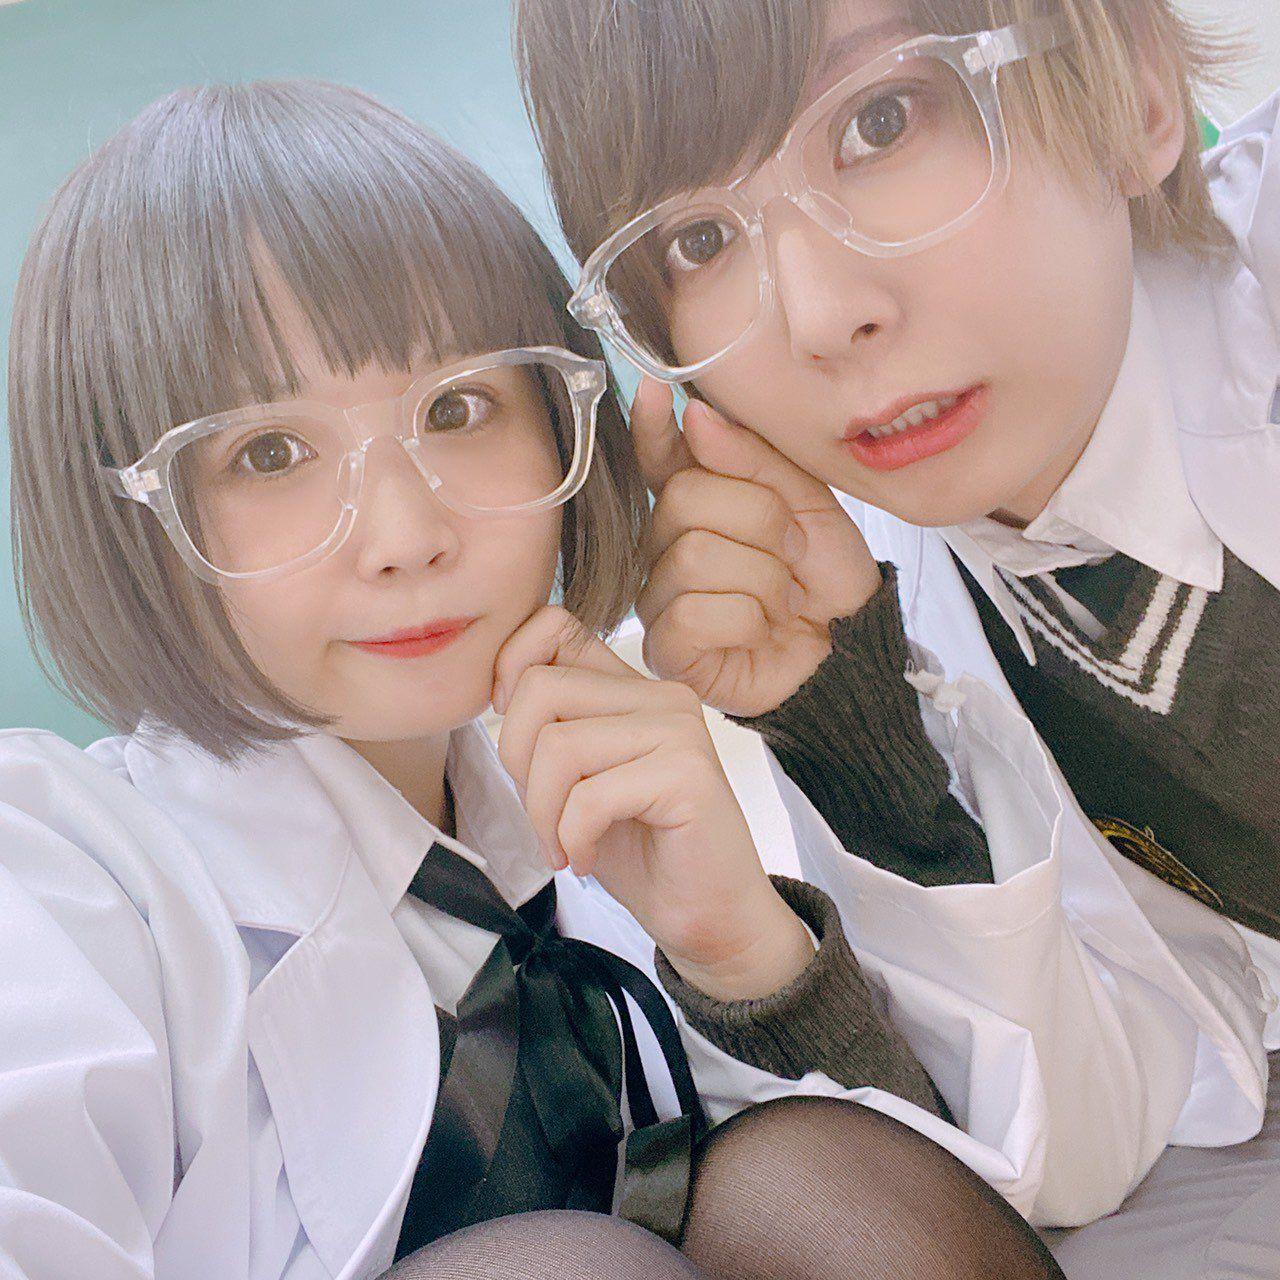 ぽん 先生 いり SNS発の振付師「いりぽん先生」のプロフィールを紹介!